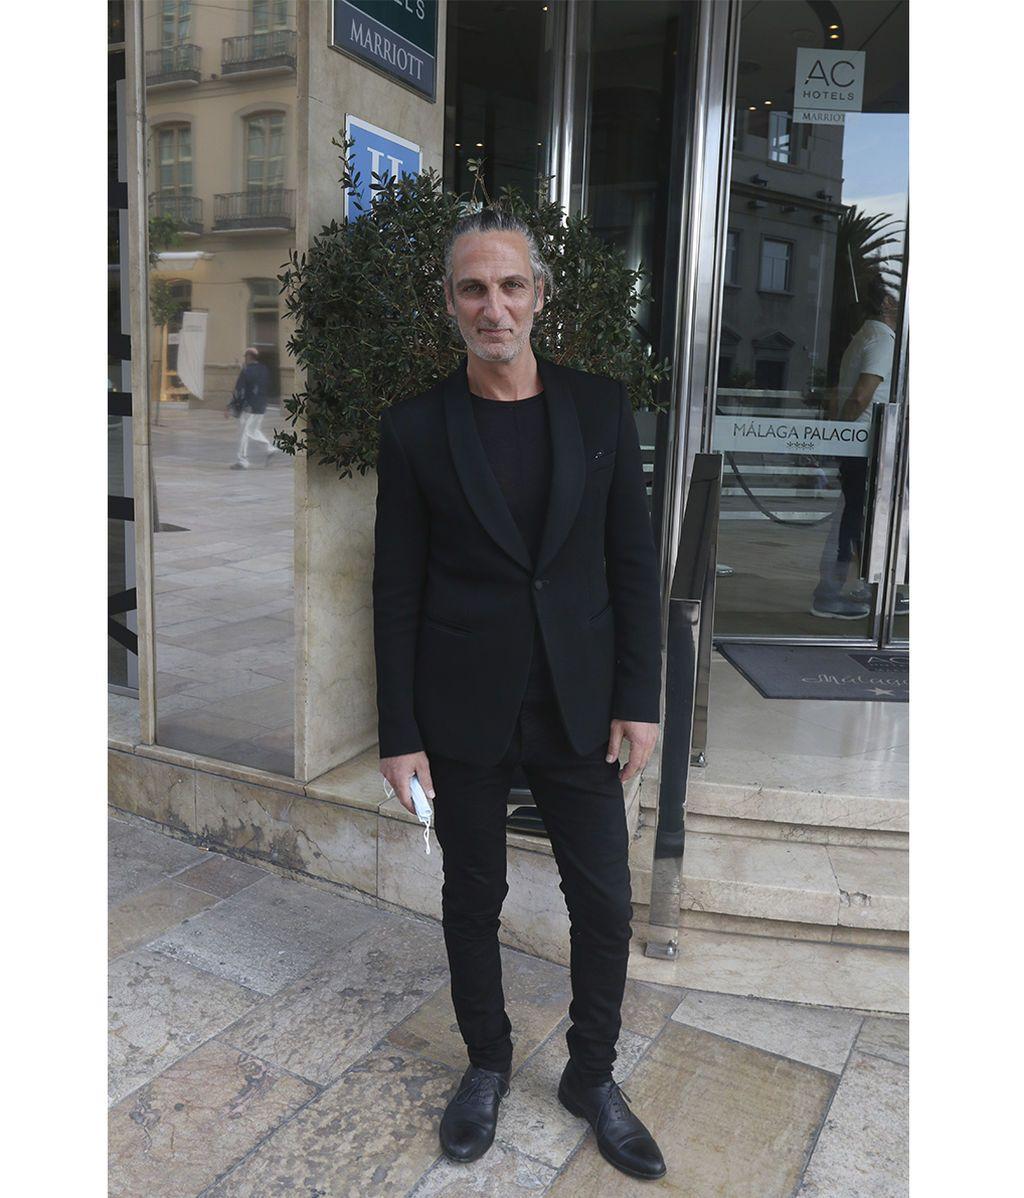 Ernesto Alterio posa frente al hotel